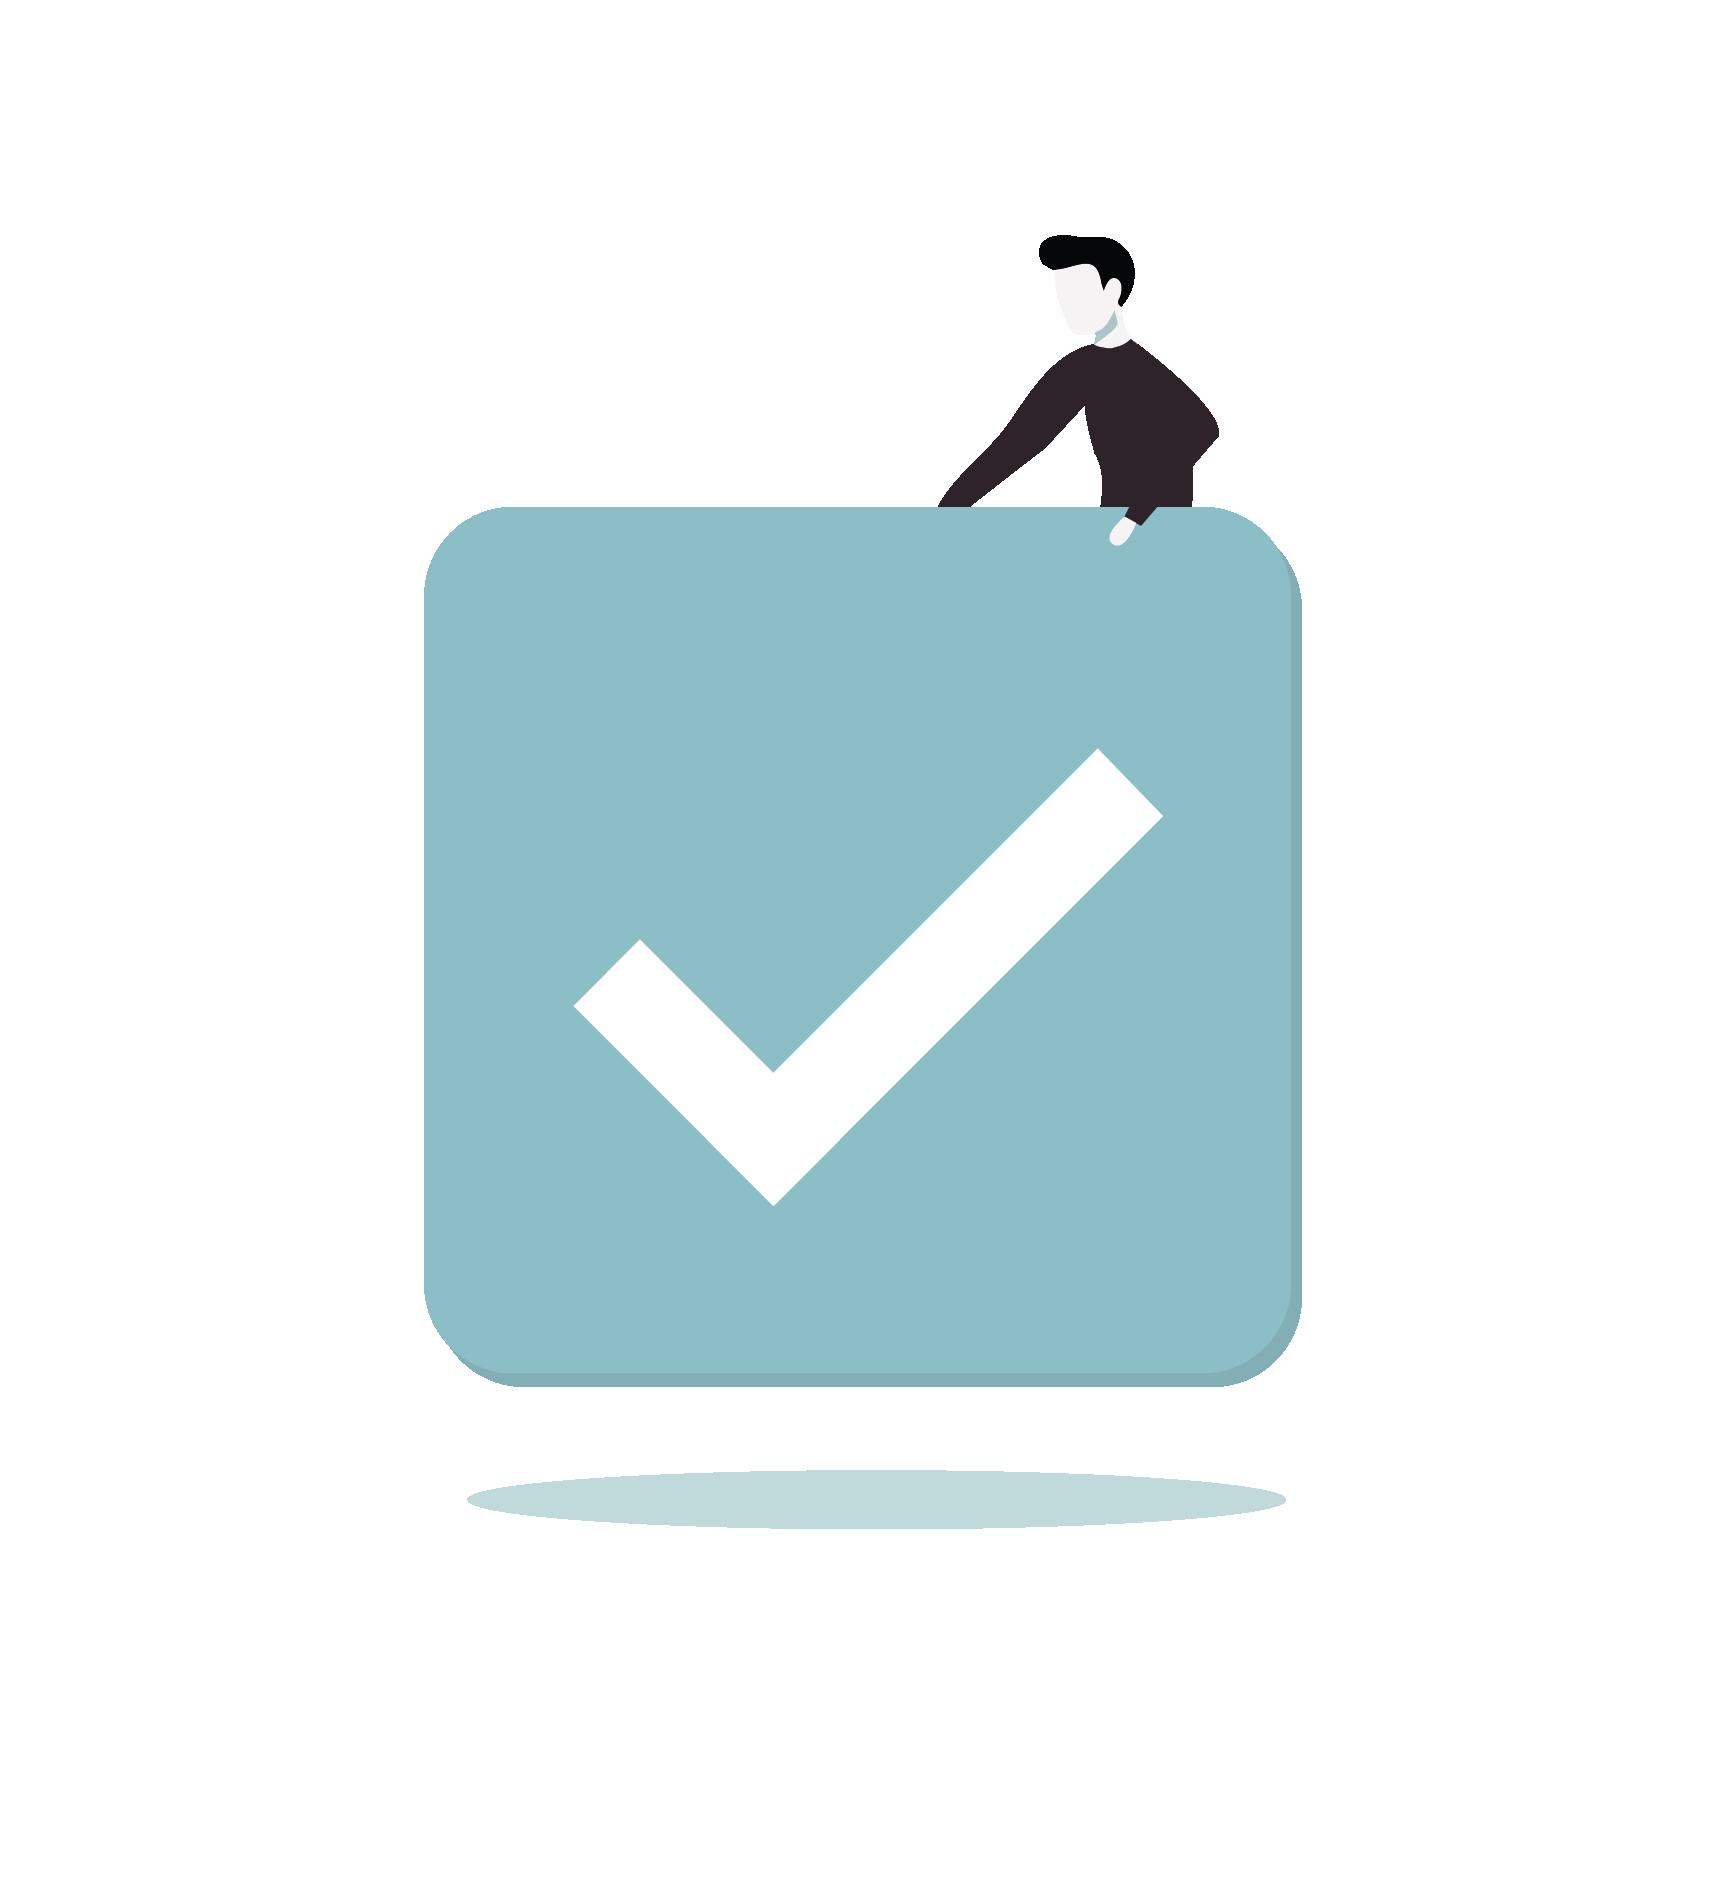 Illustrasjon av check-tegn.